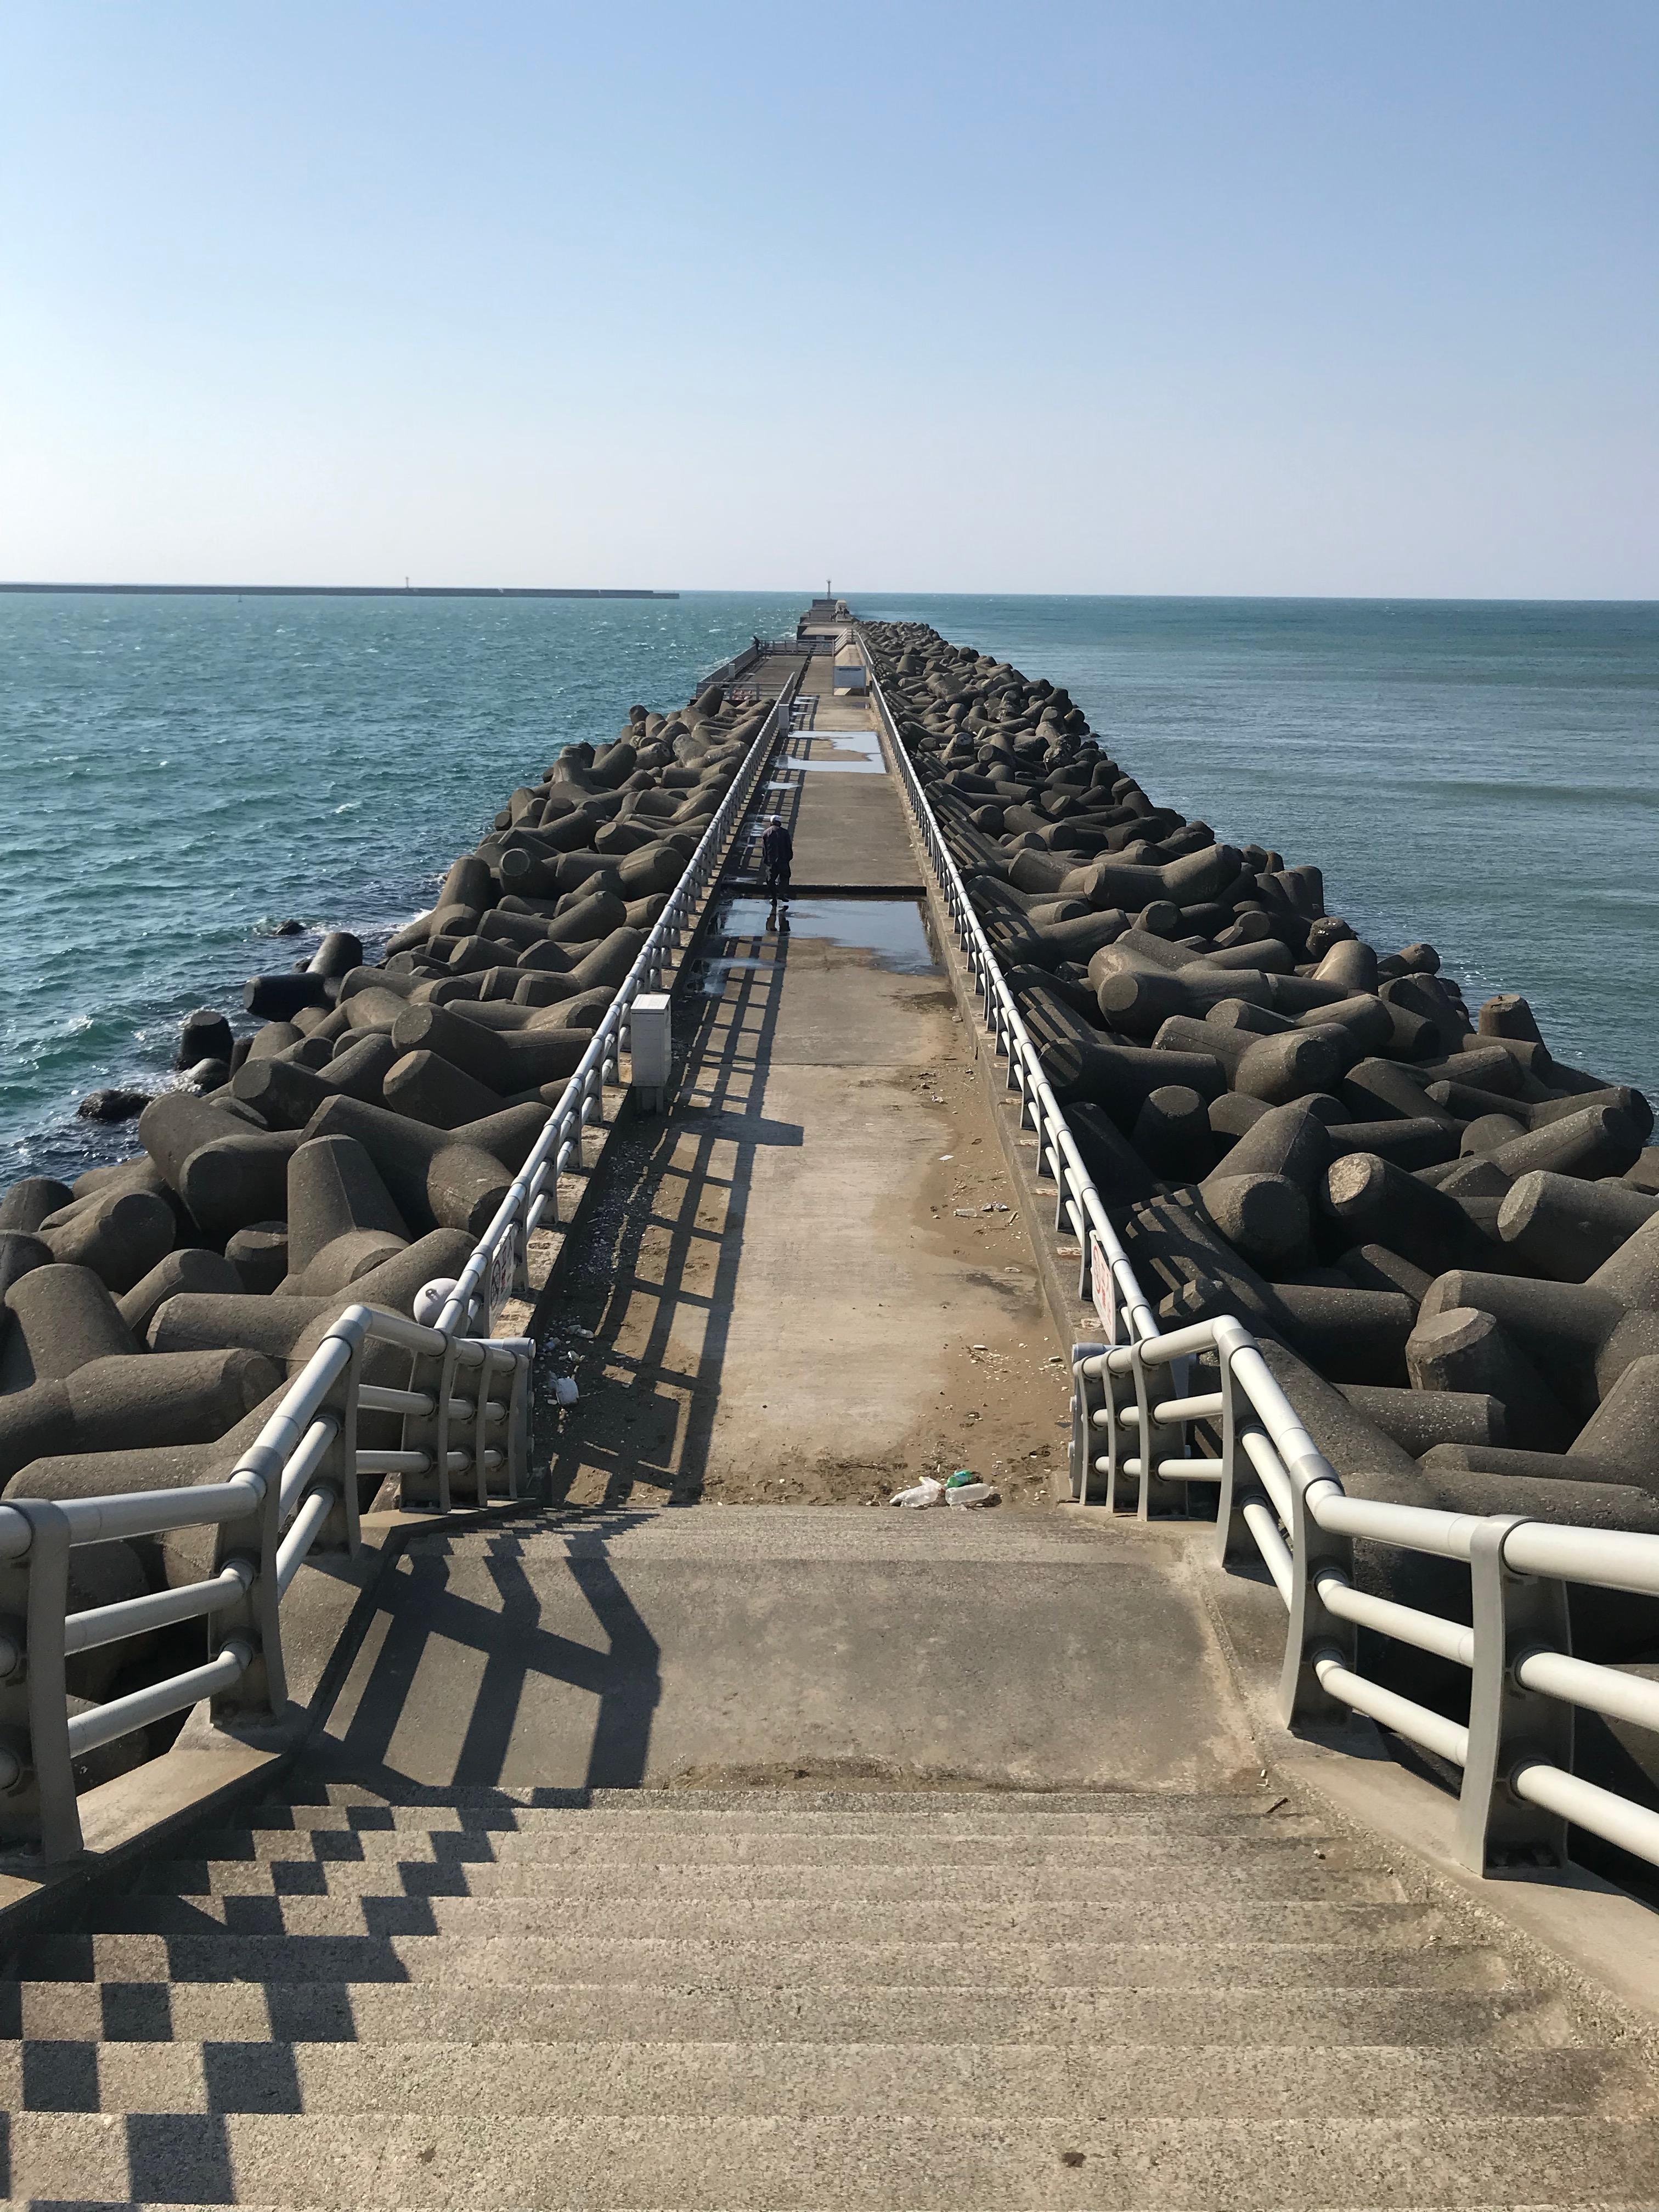 2019年大浜が冬季閉鎖へ